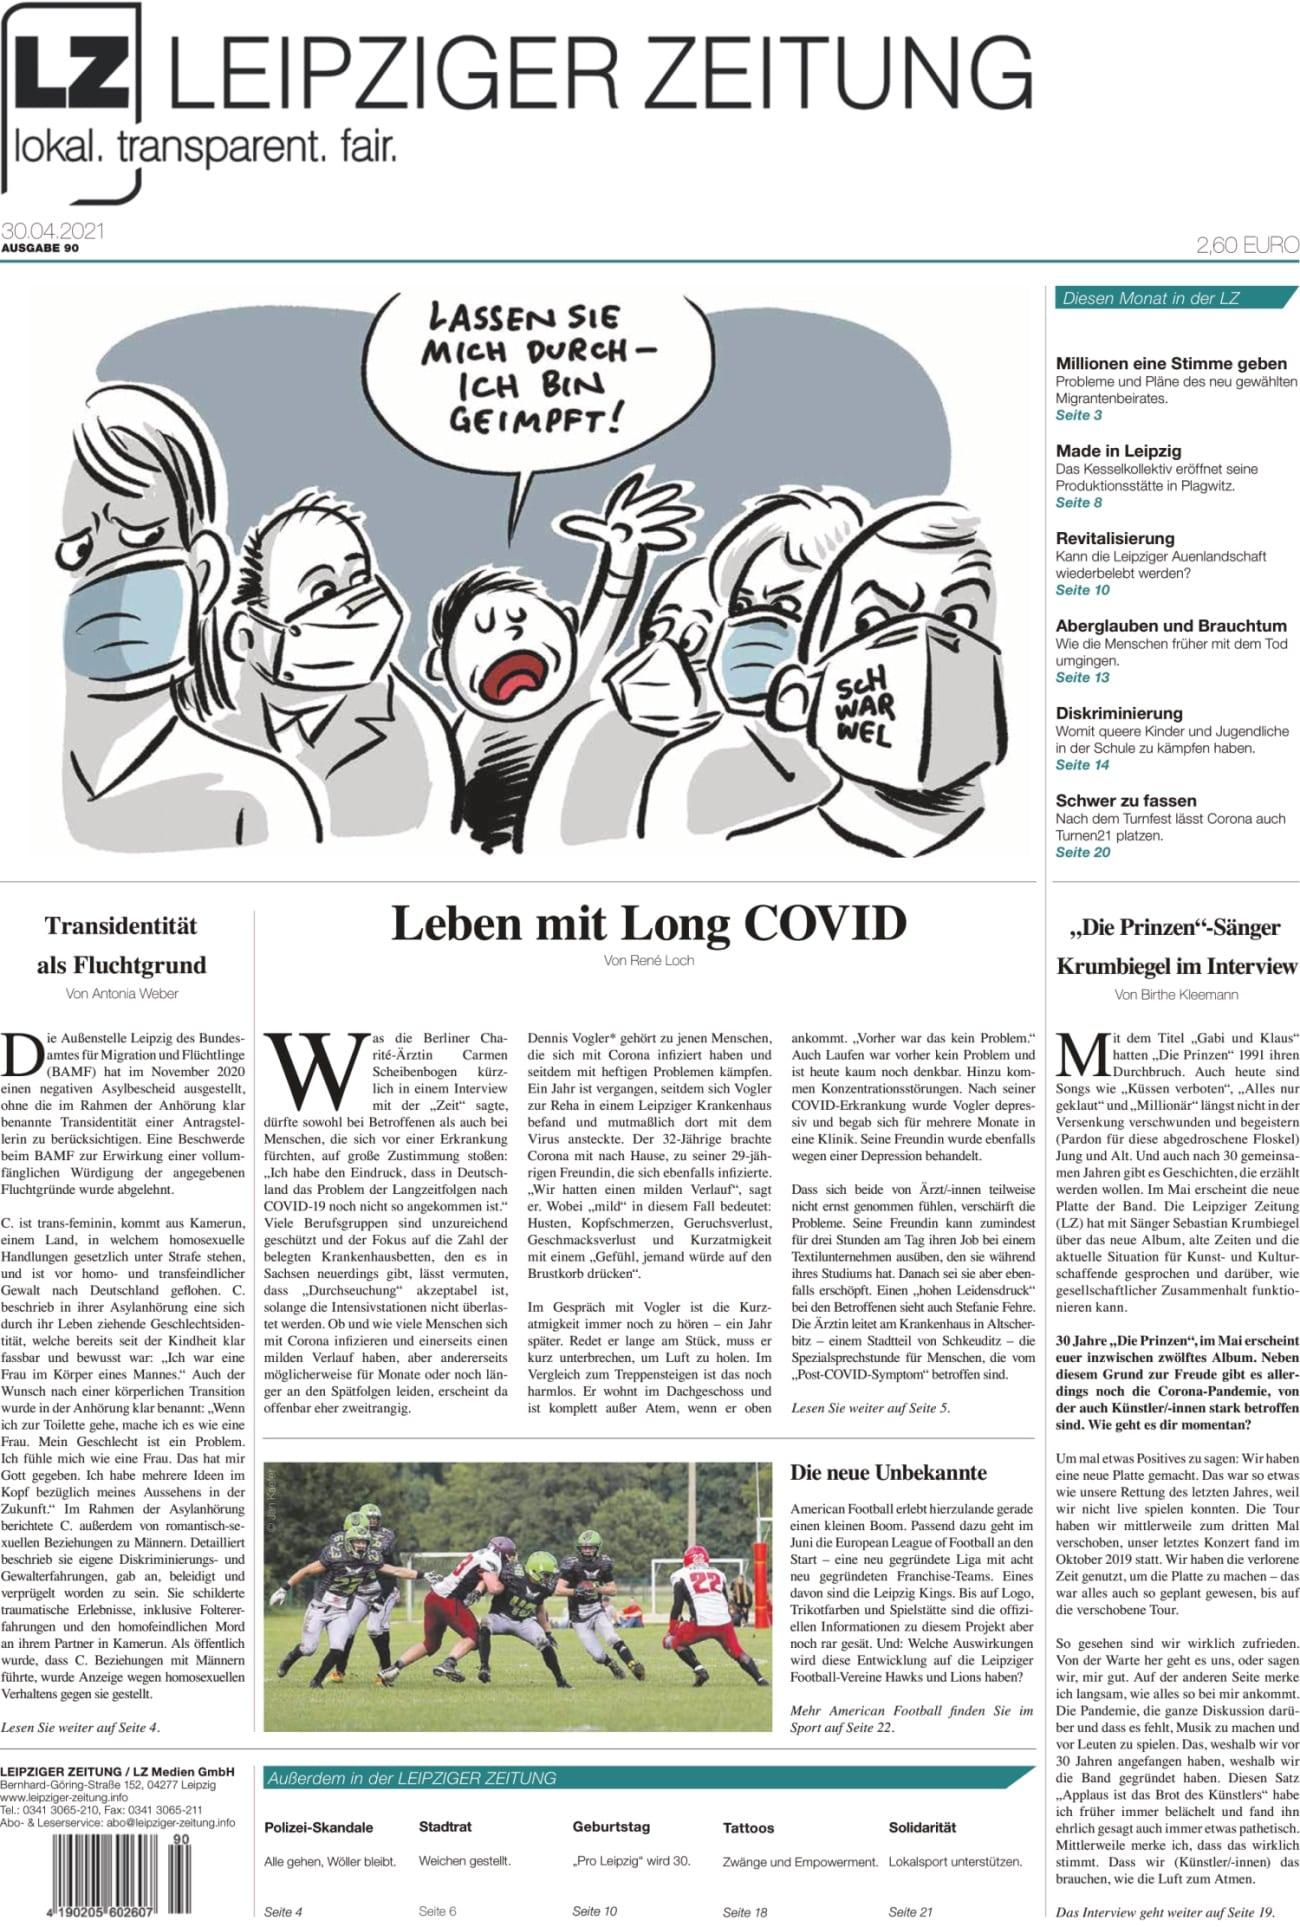 Die neue Leipziger Zeitung (LZ) Nr. 90, VÖ 30.04.2021